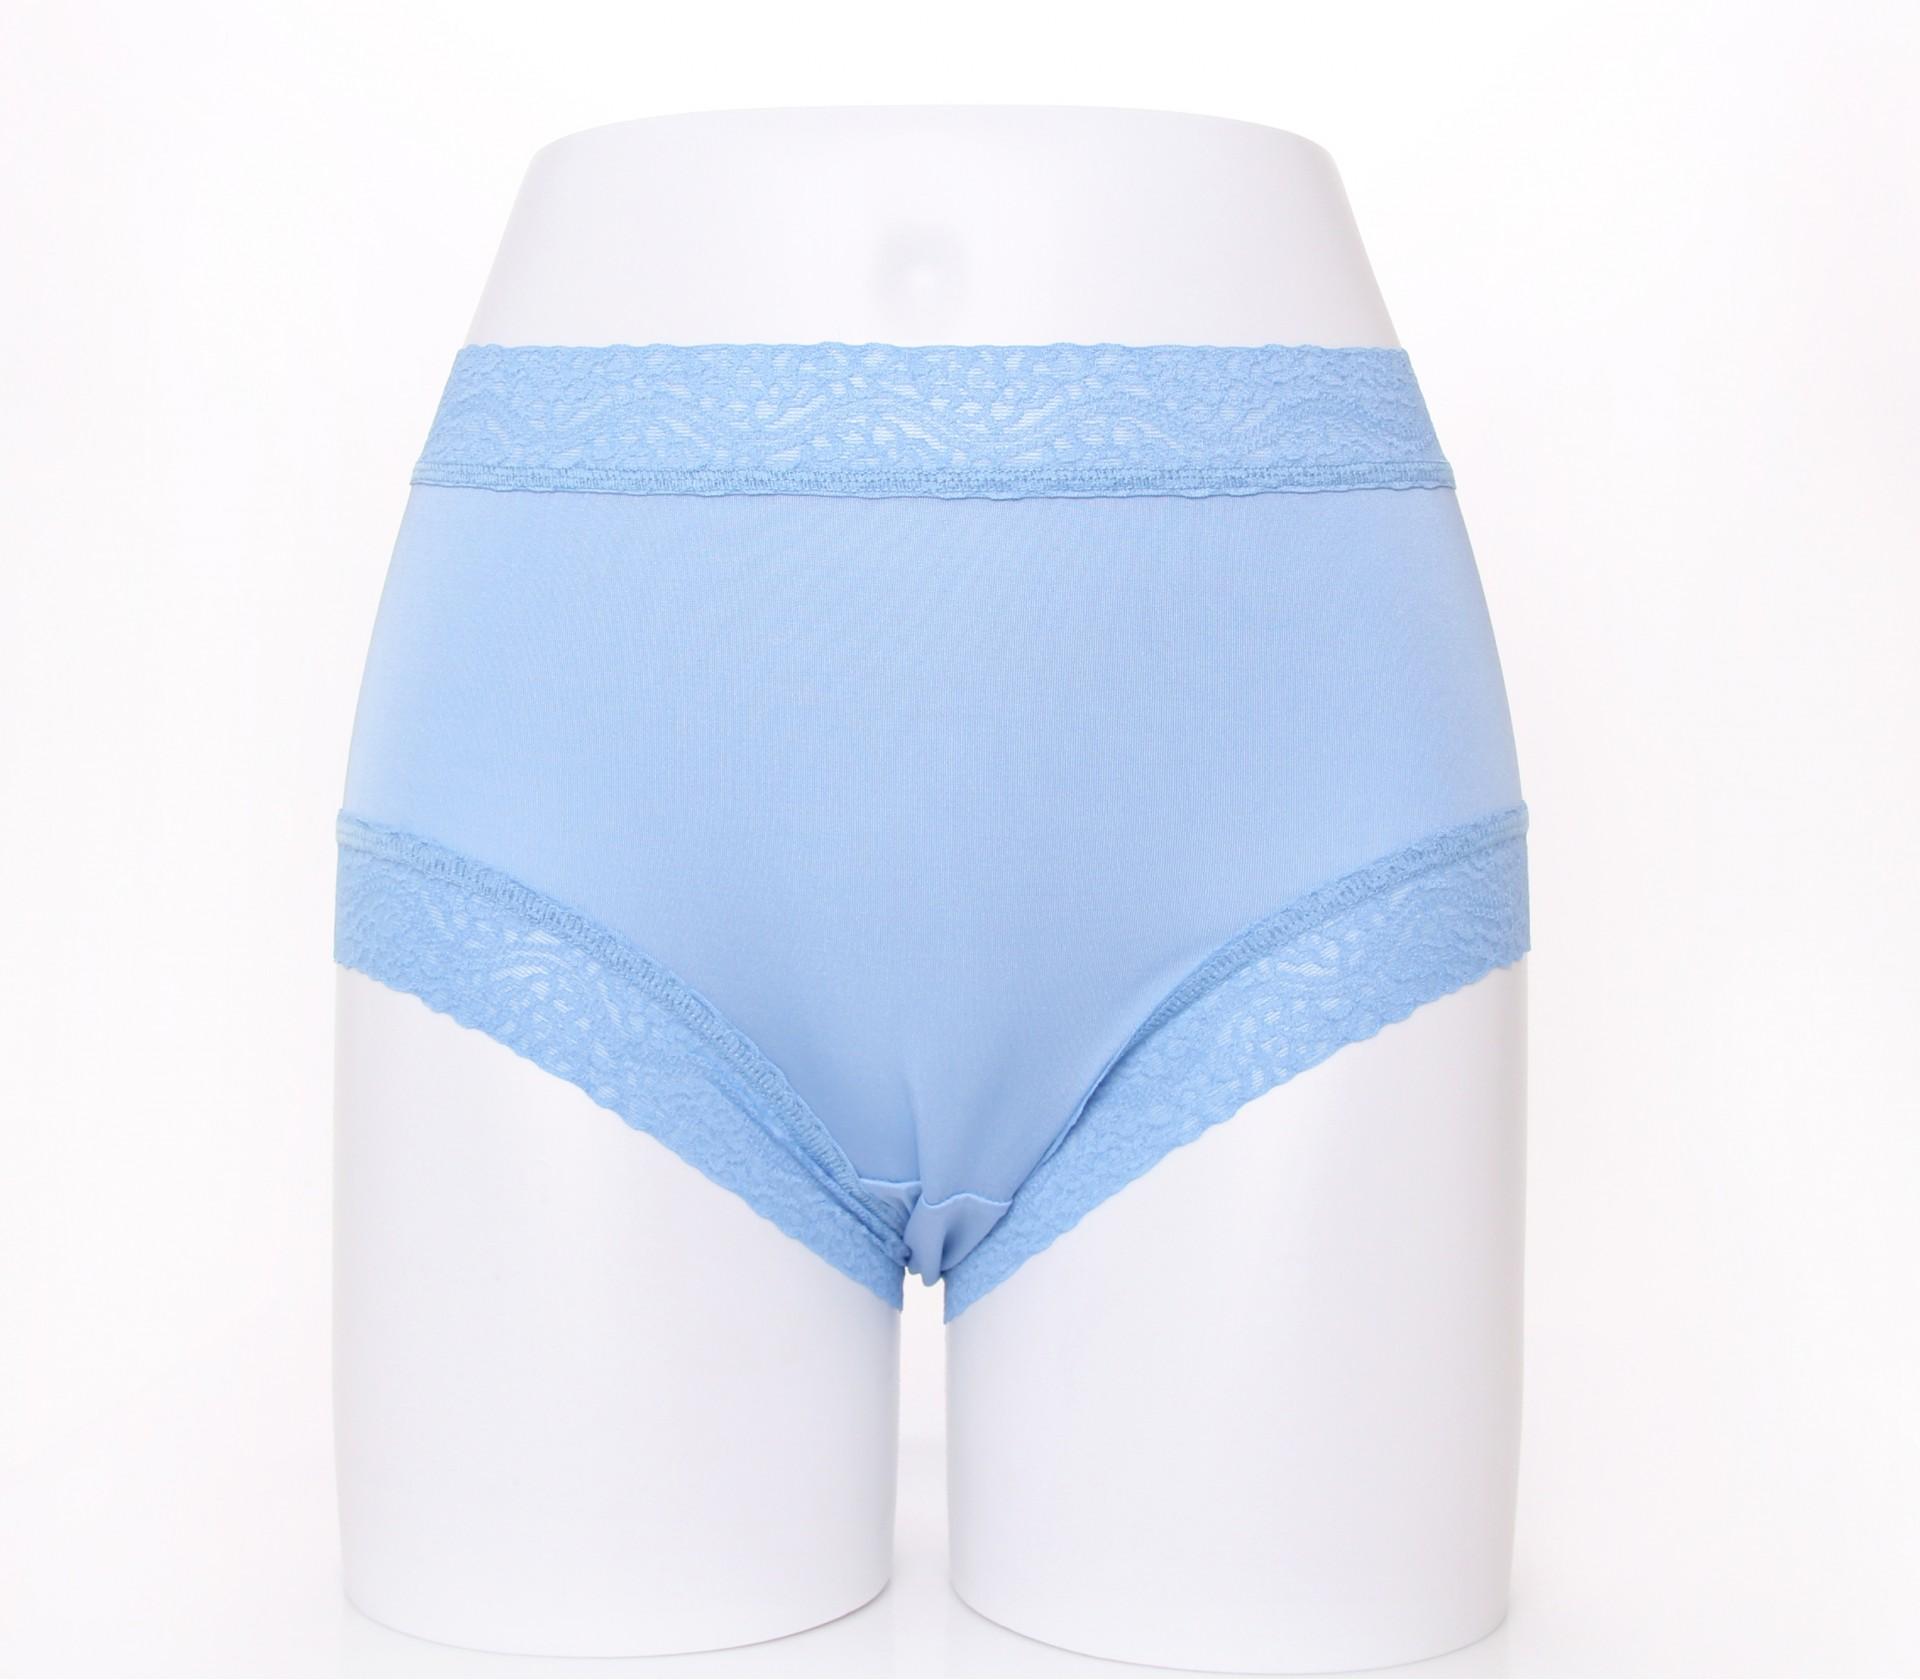 闕蘭絹清新蝴蝶100%蠶絲內褲-2212(藍)